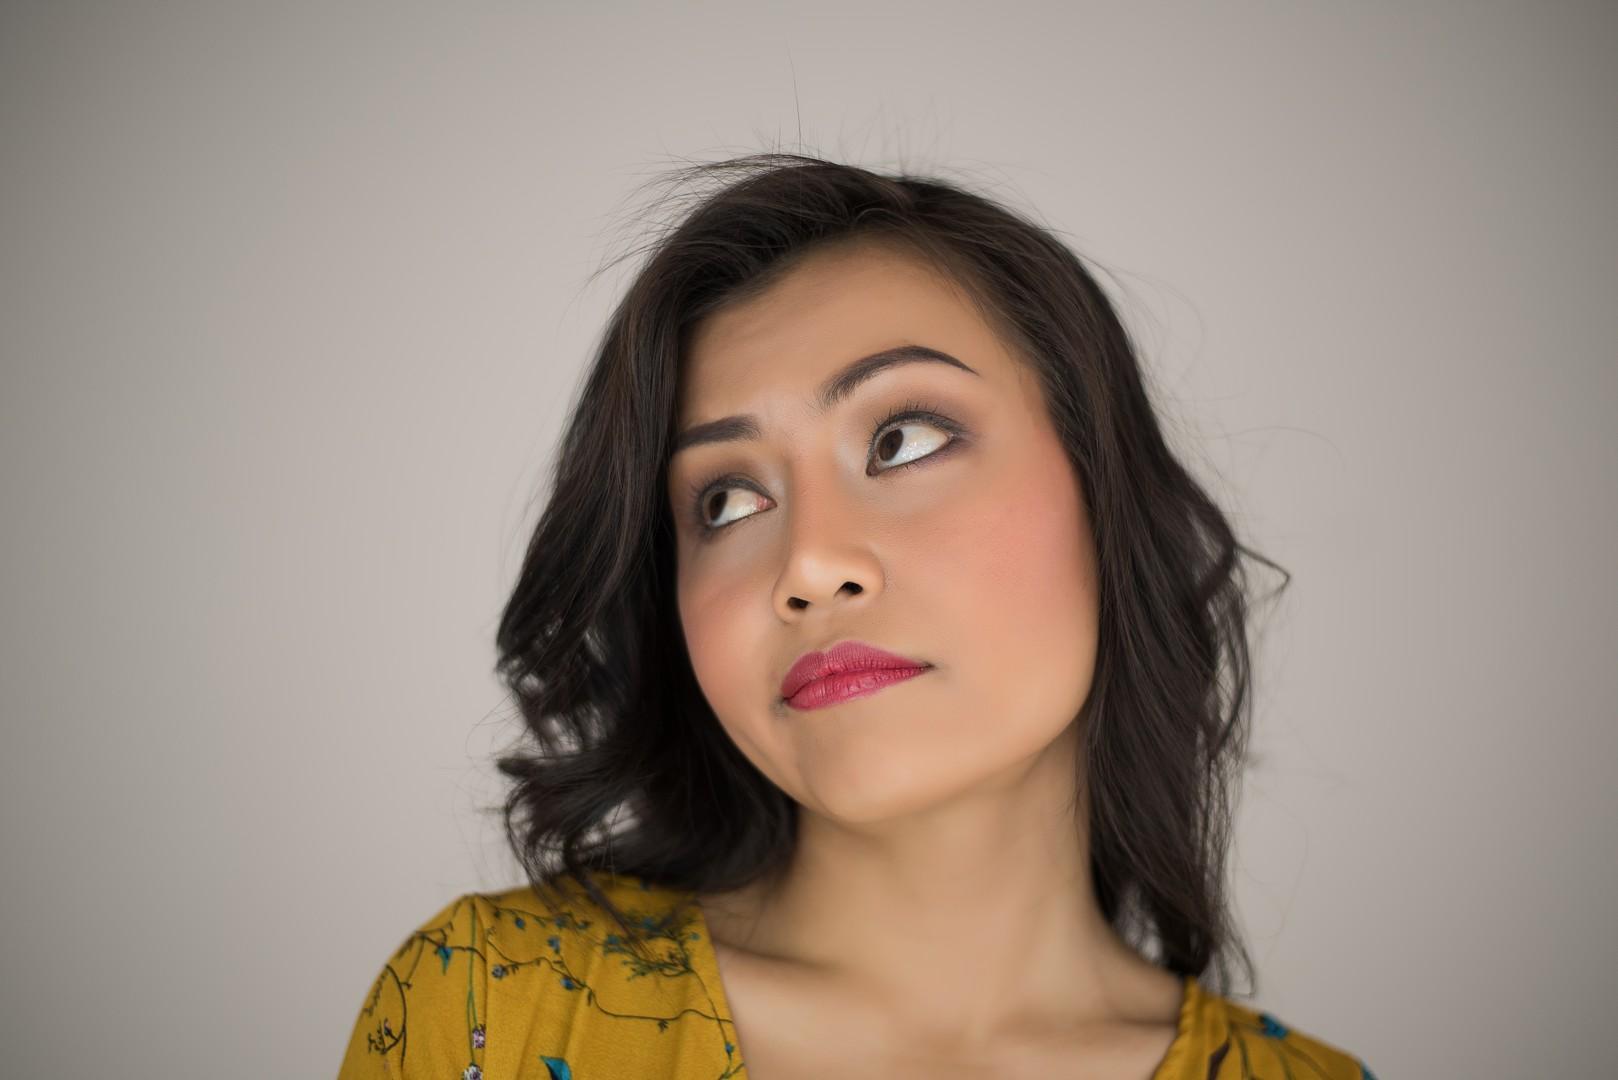 Как избавиться от ревности и недоверия: приходим в себя